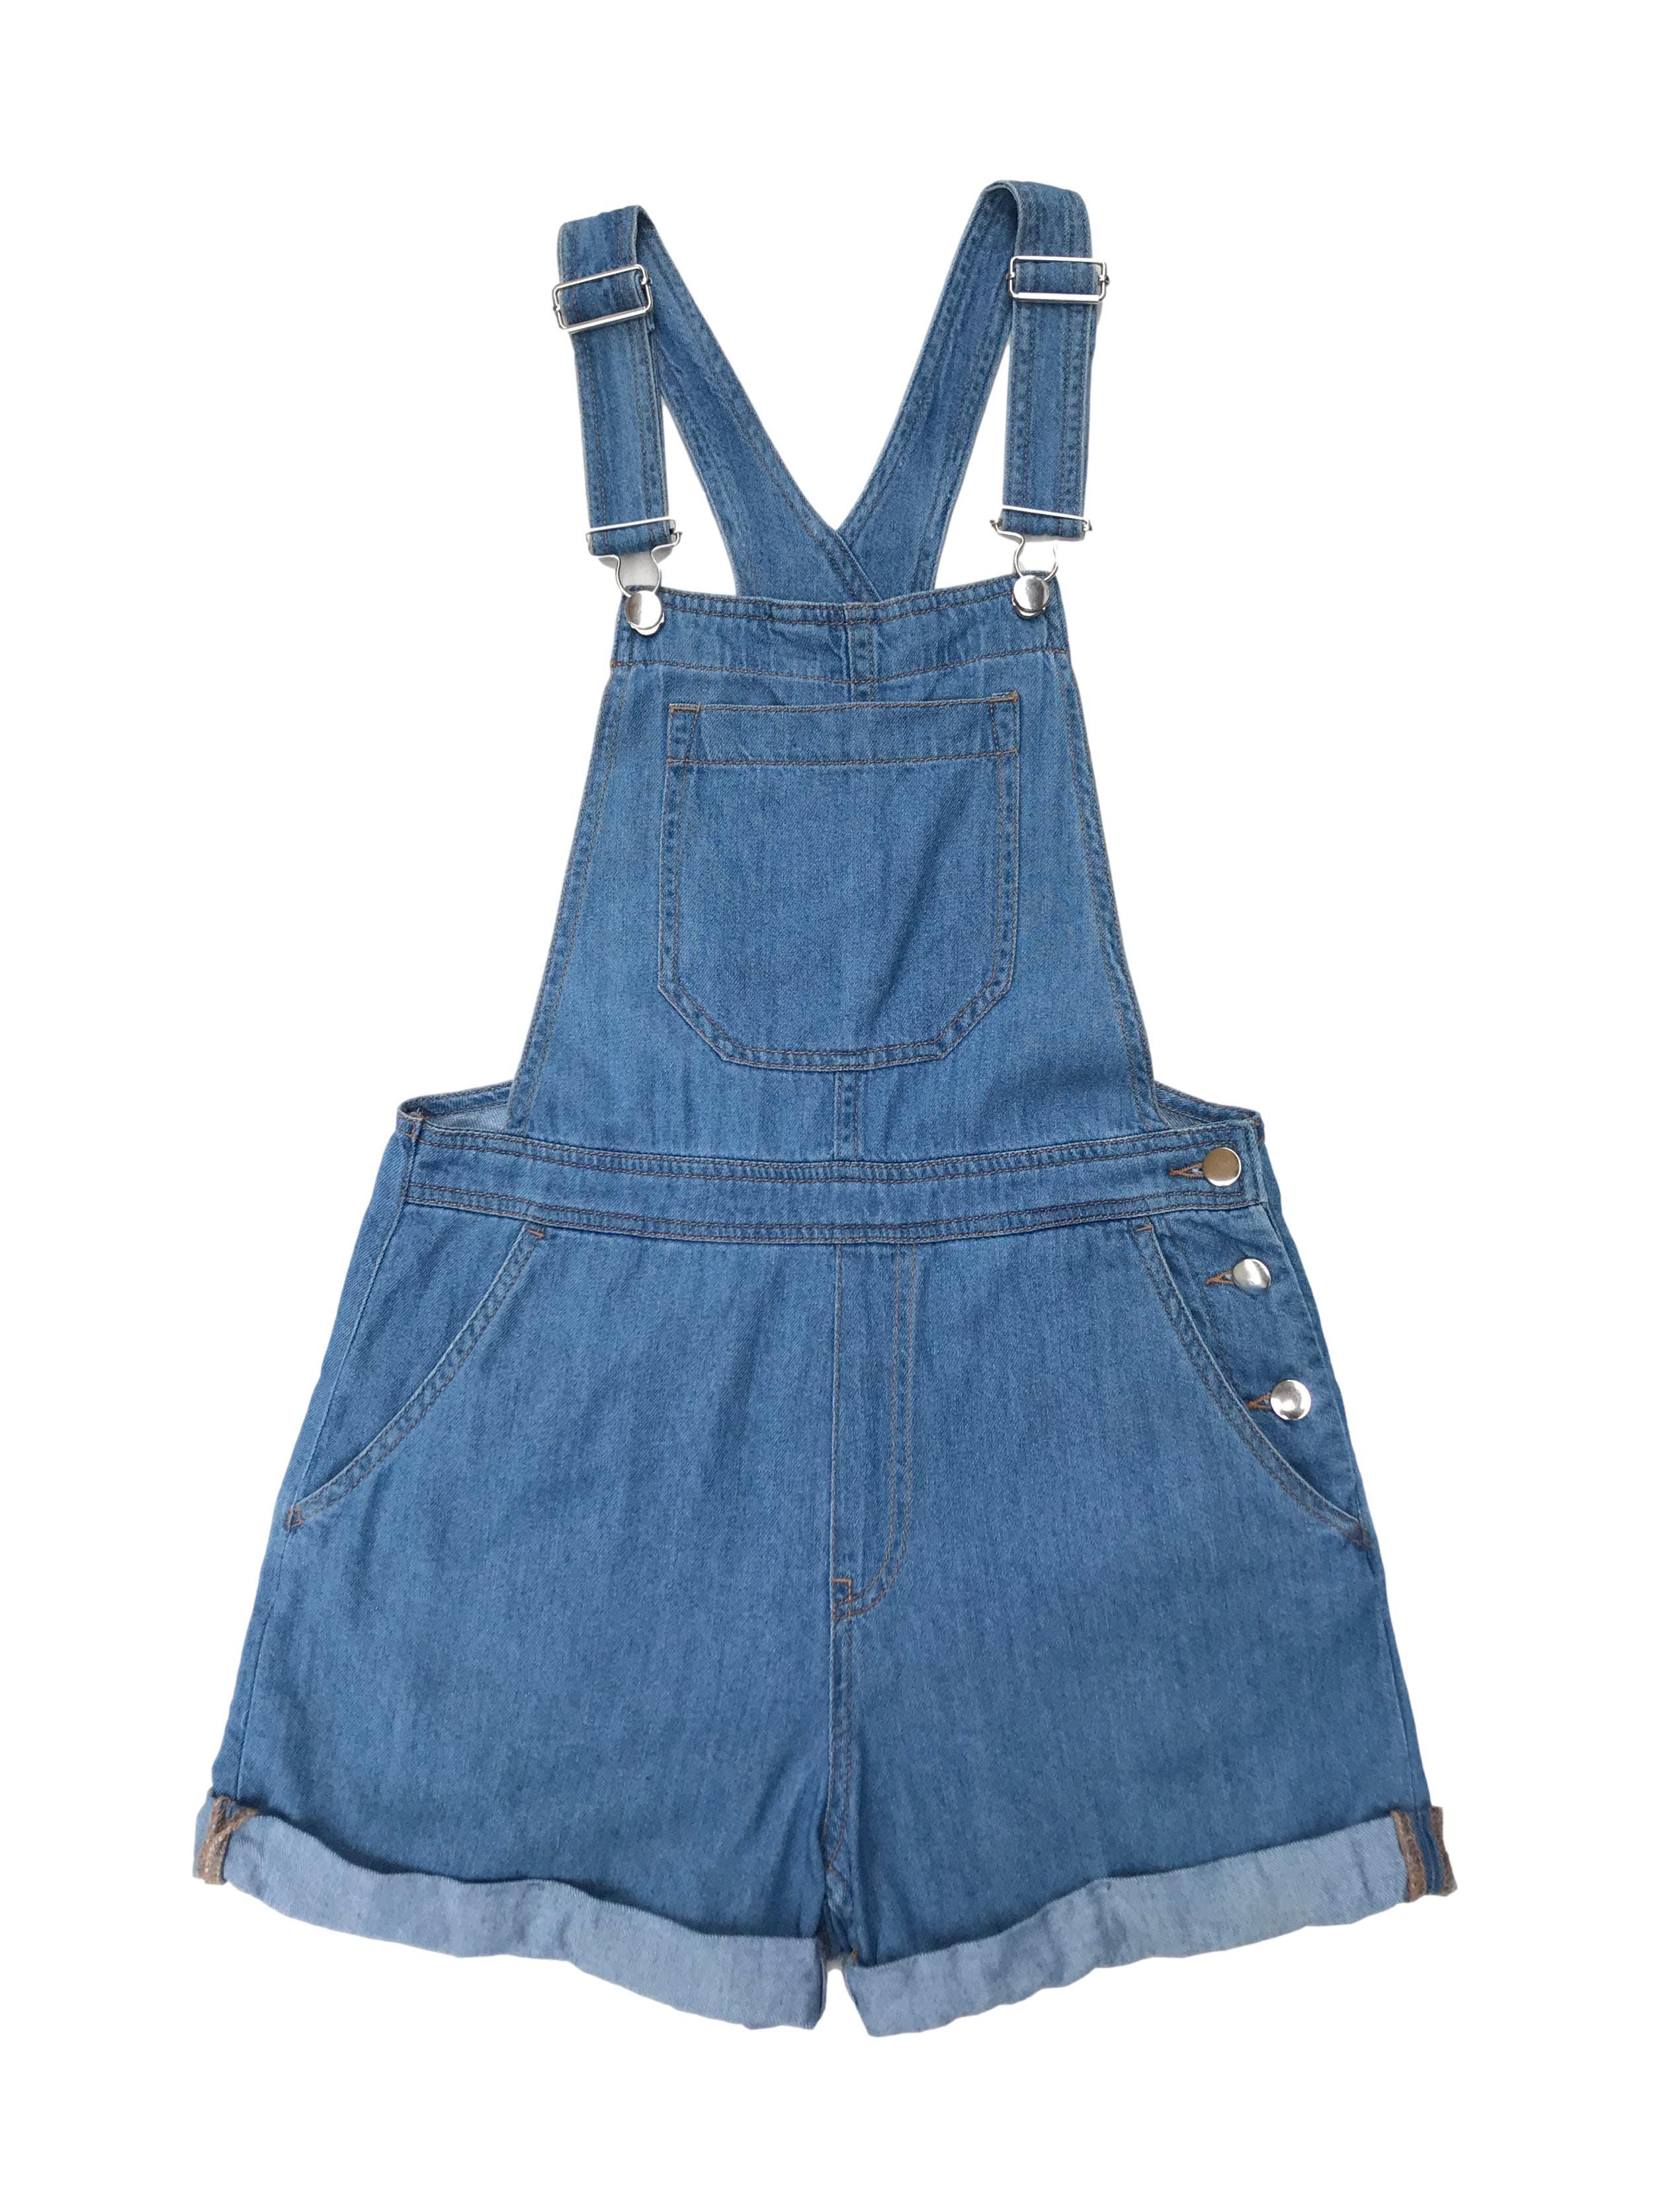 Enterizo short H&M de jean claro, bolsillos laterales y traseros, botones a un lado y dobladillo en bastales. Largo 80 cm.